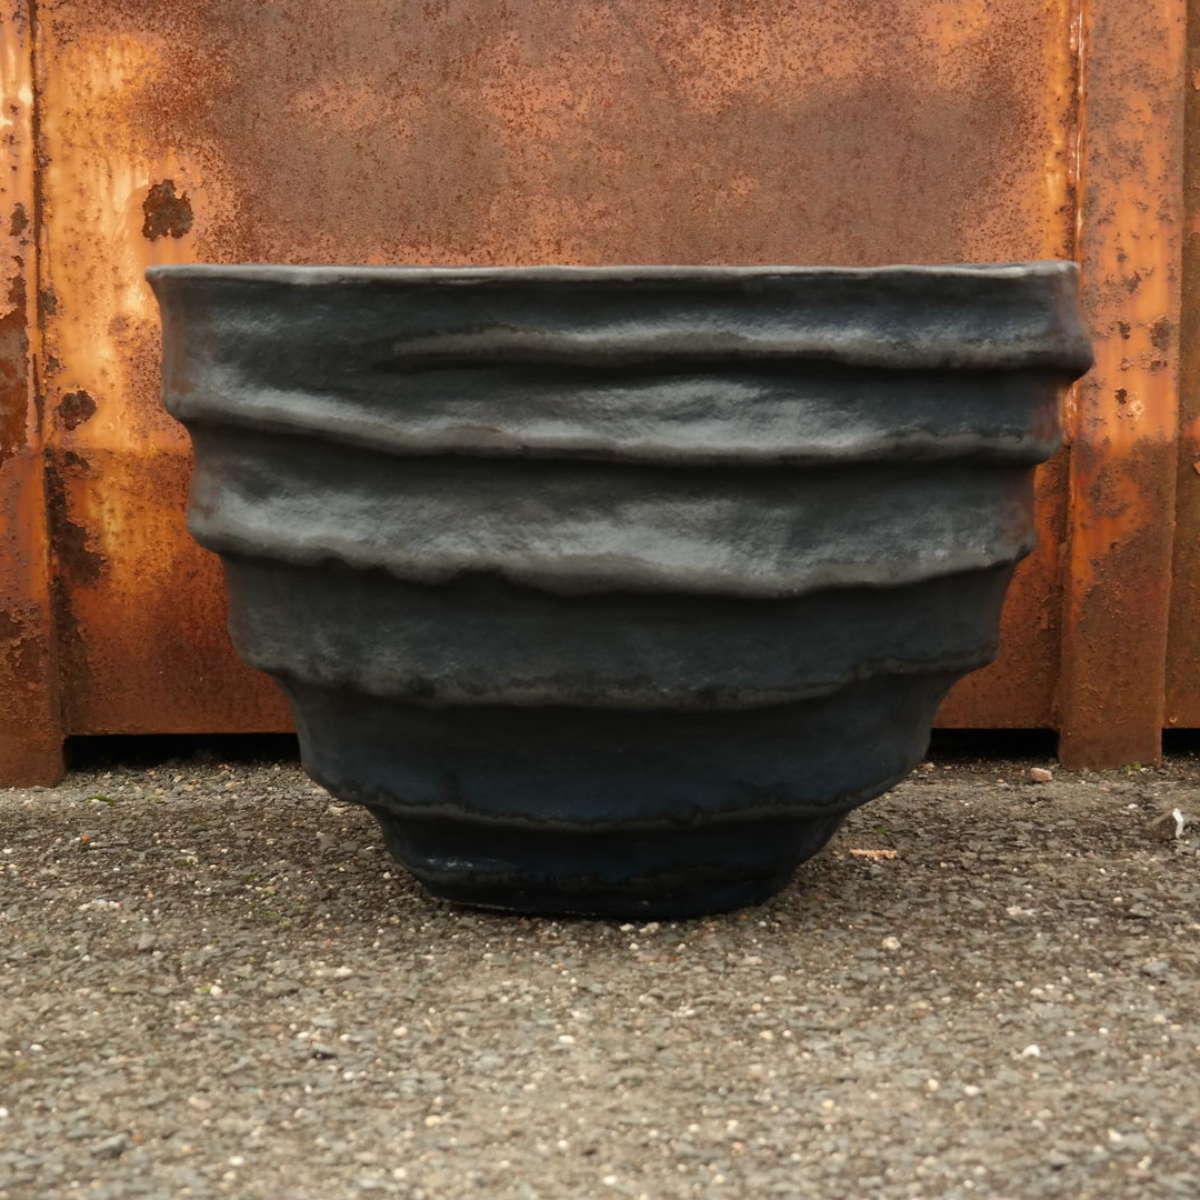 Domani Baja Black Pot